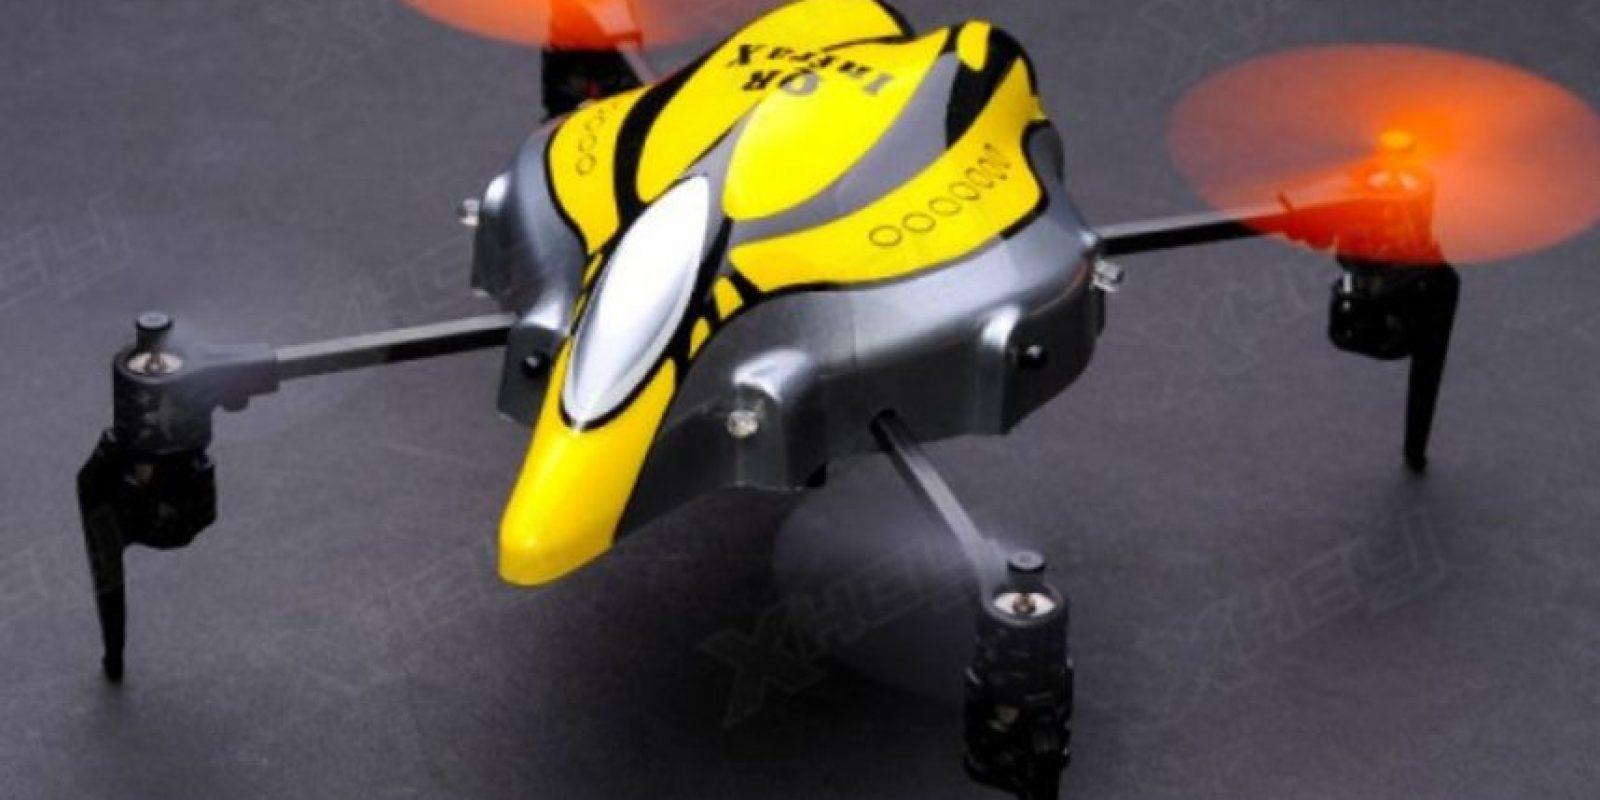 Walkera QR sobresale por su diseño que aparenta un insecto volador. Foto:vía webadictos.com